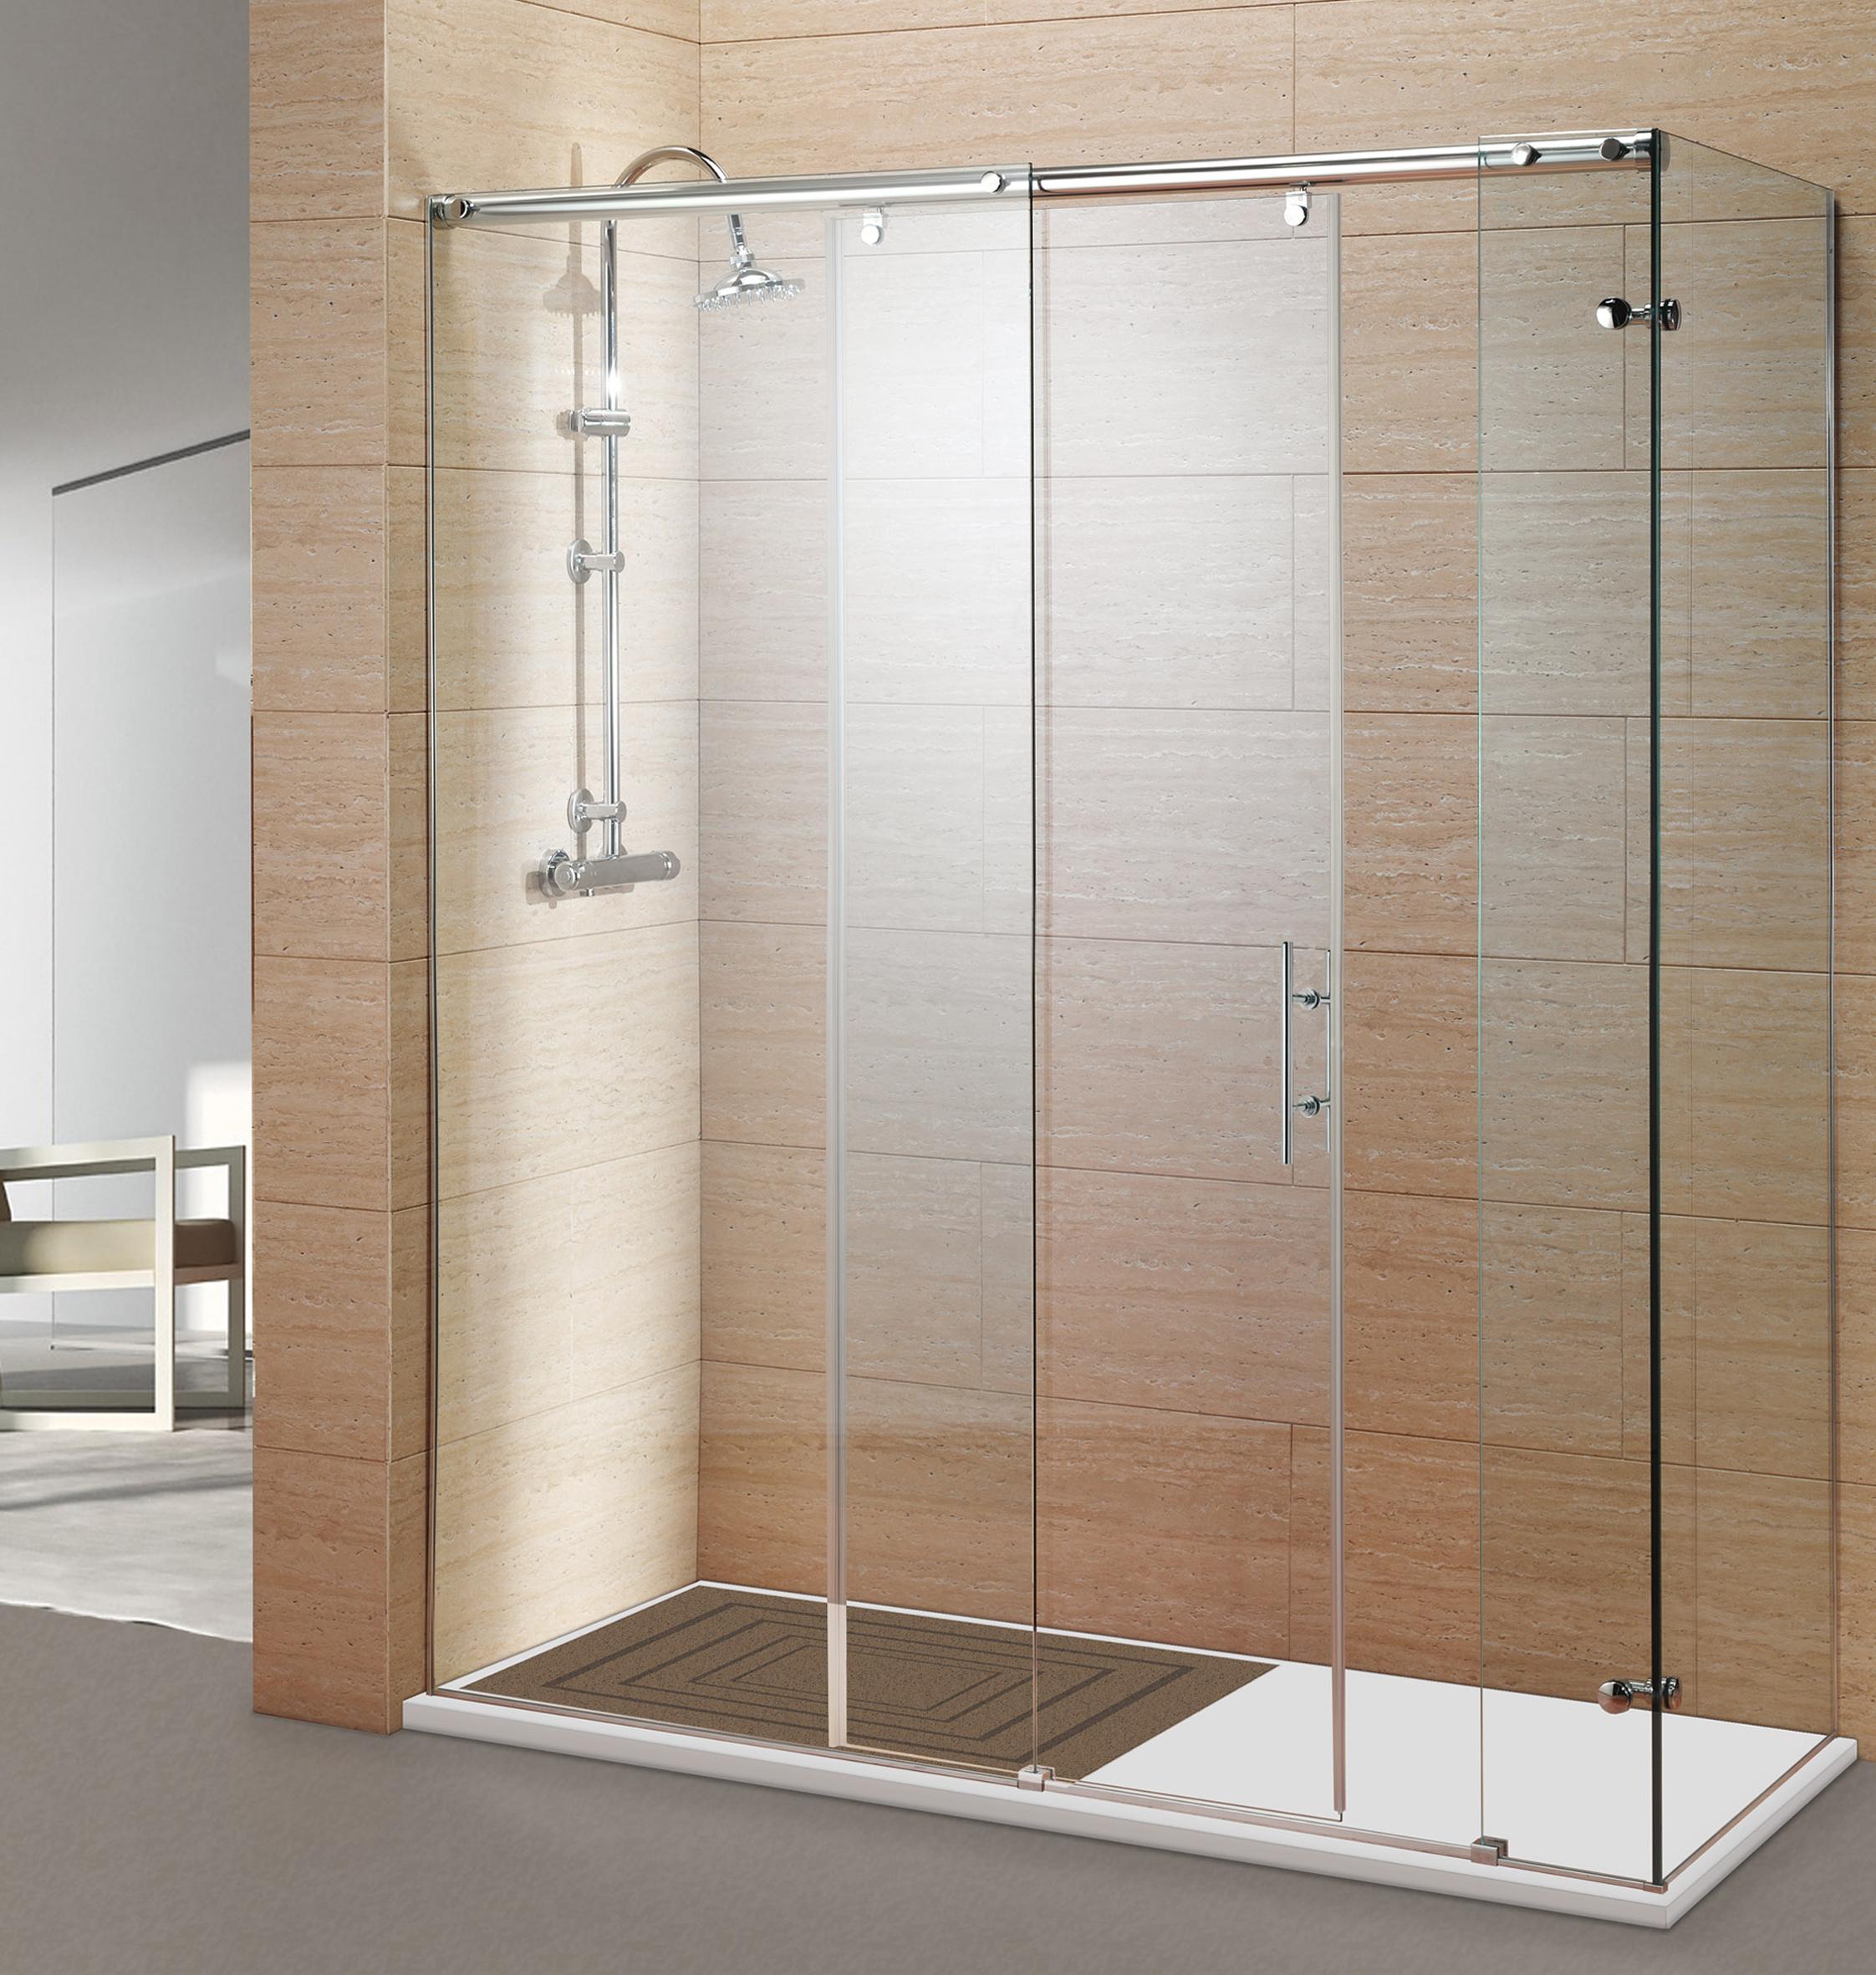 Muebles estilo imperial hd 1080p 4k foto for Muebles estilo l